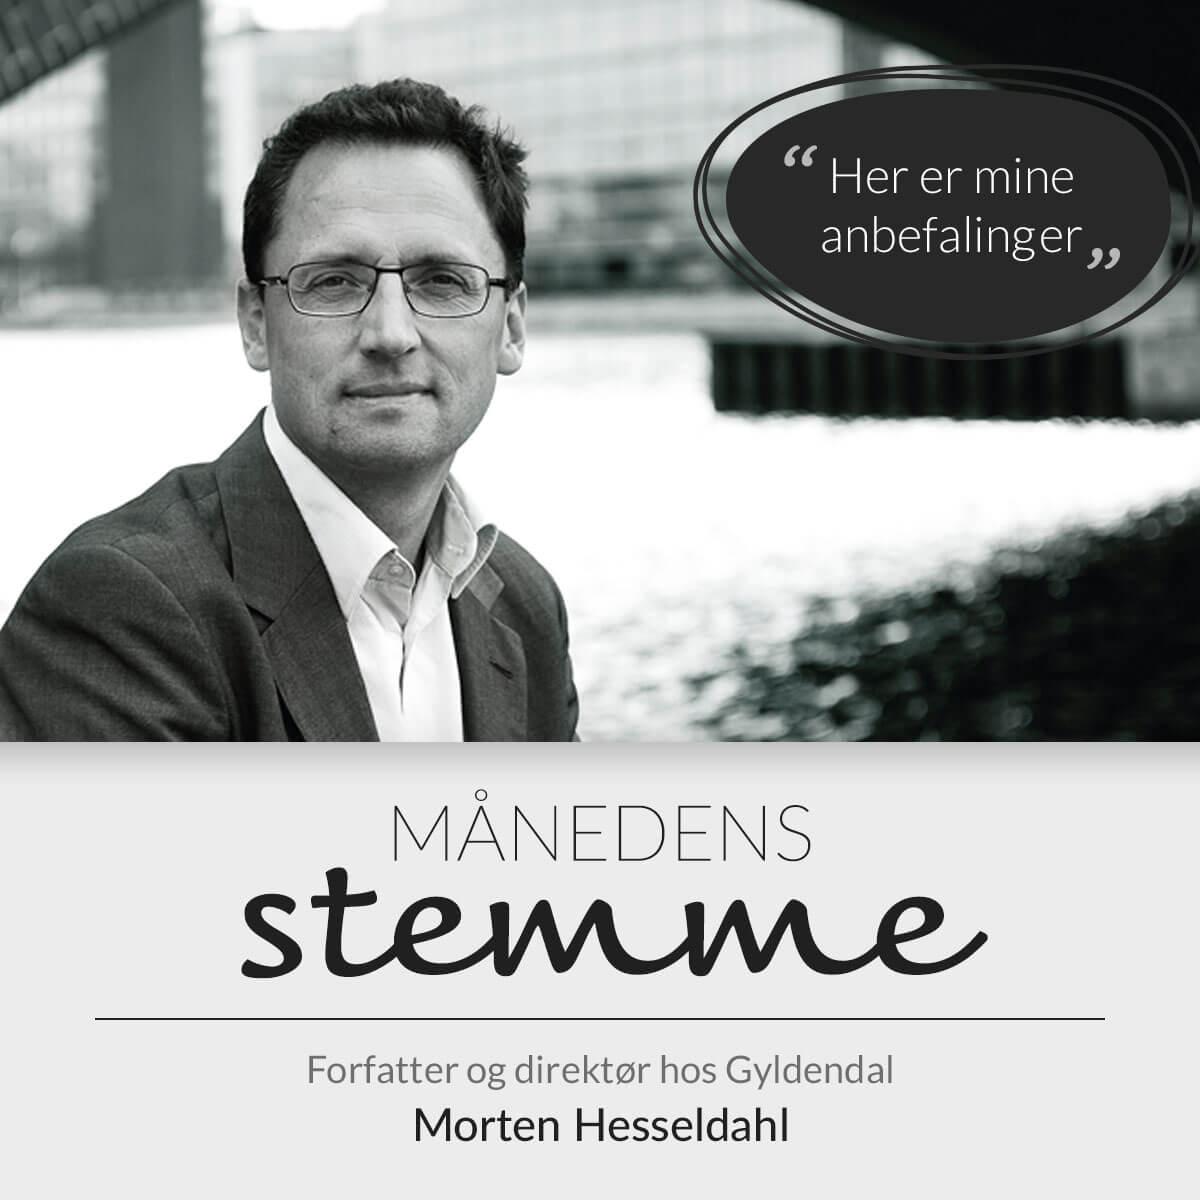 Forlagsdirektør og forfatter Morten Hesseldahl anbefaler